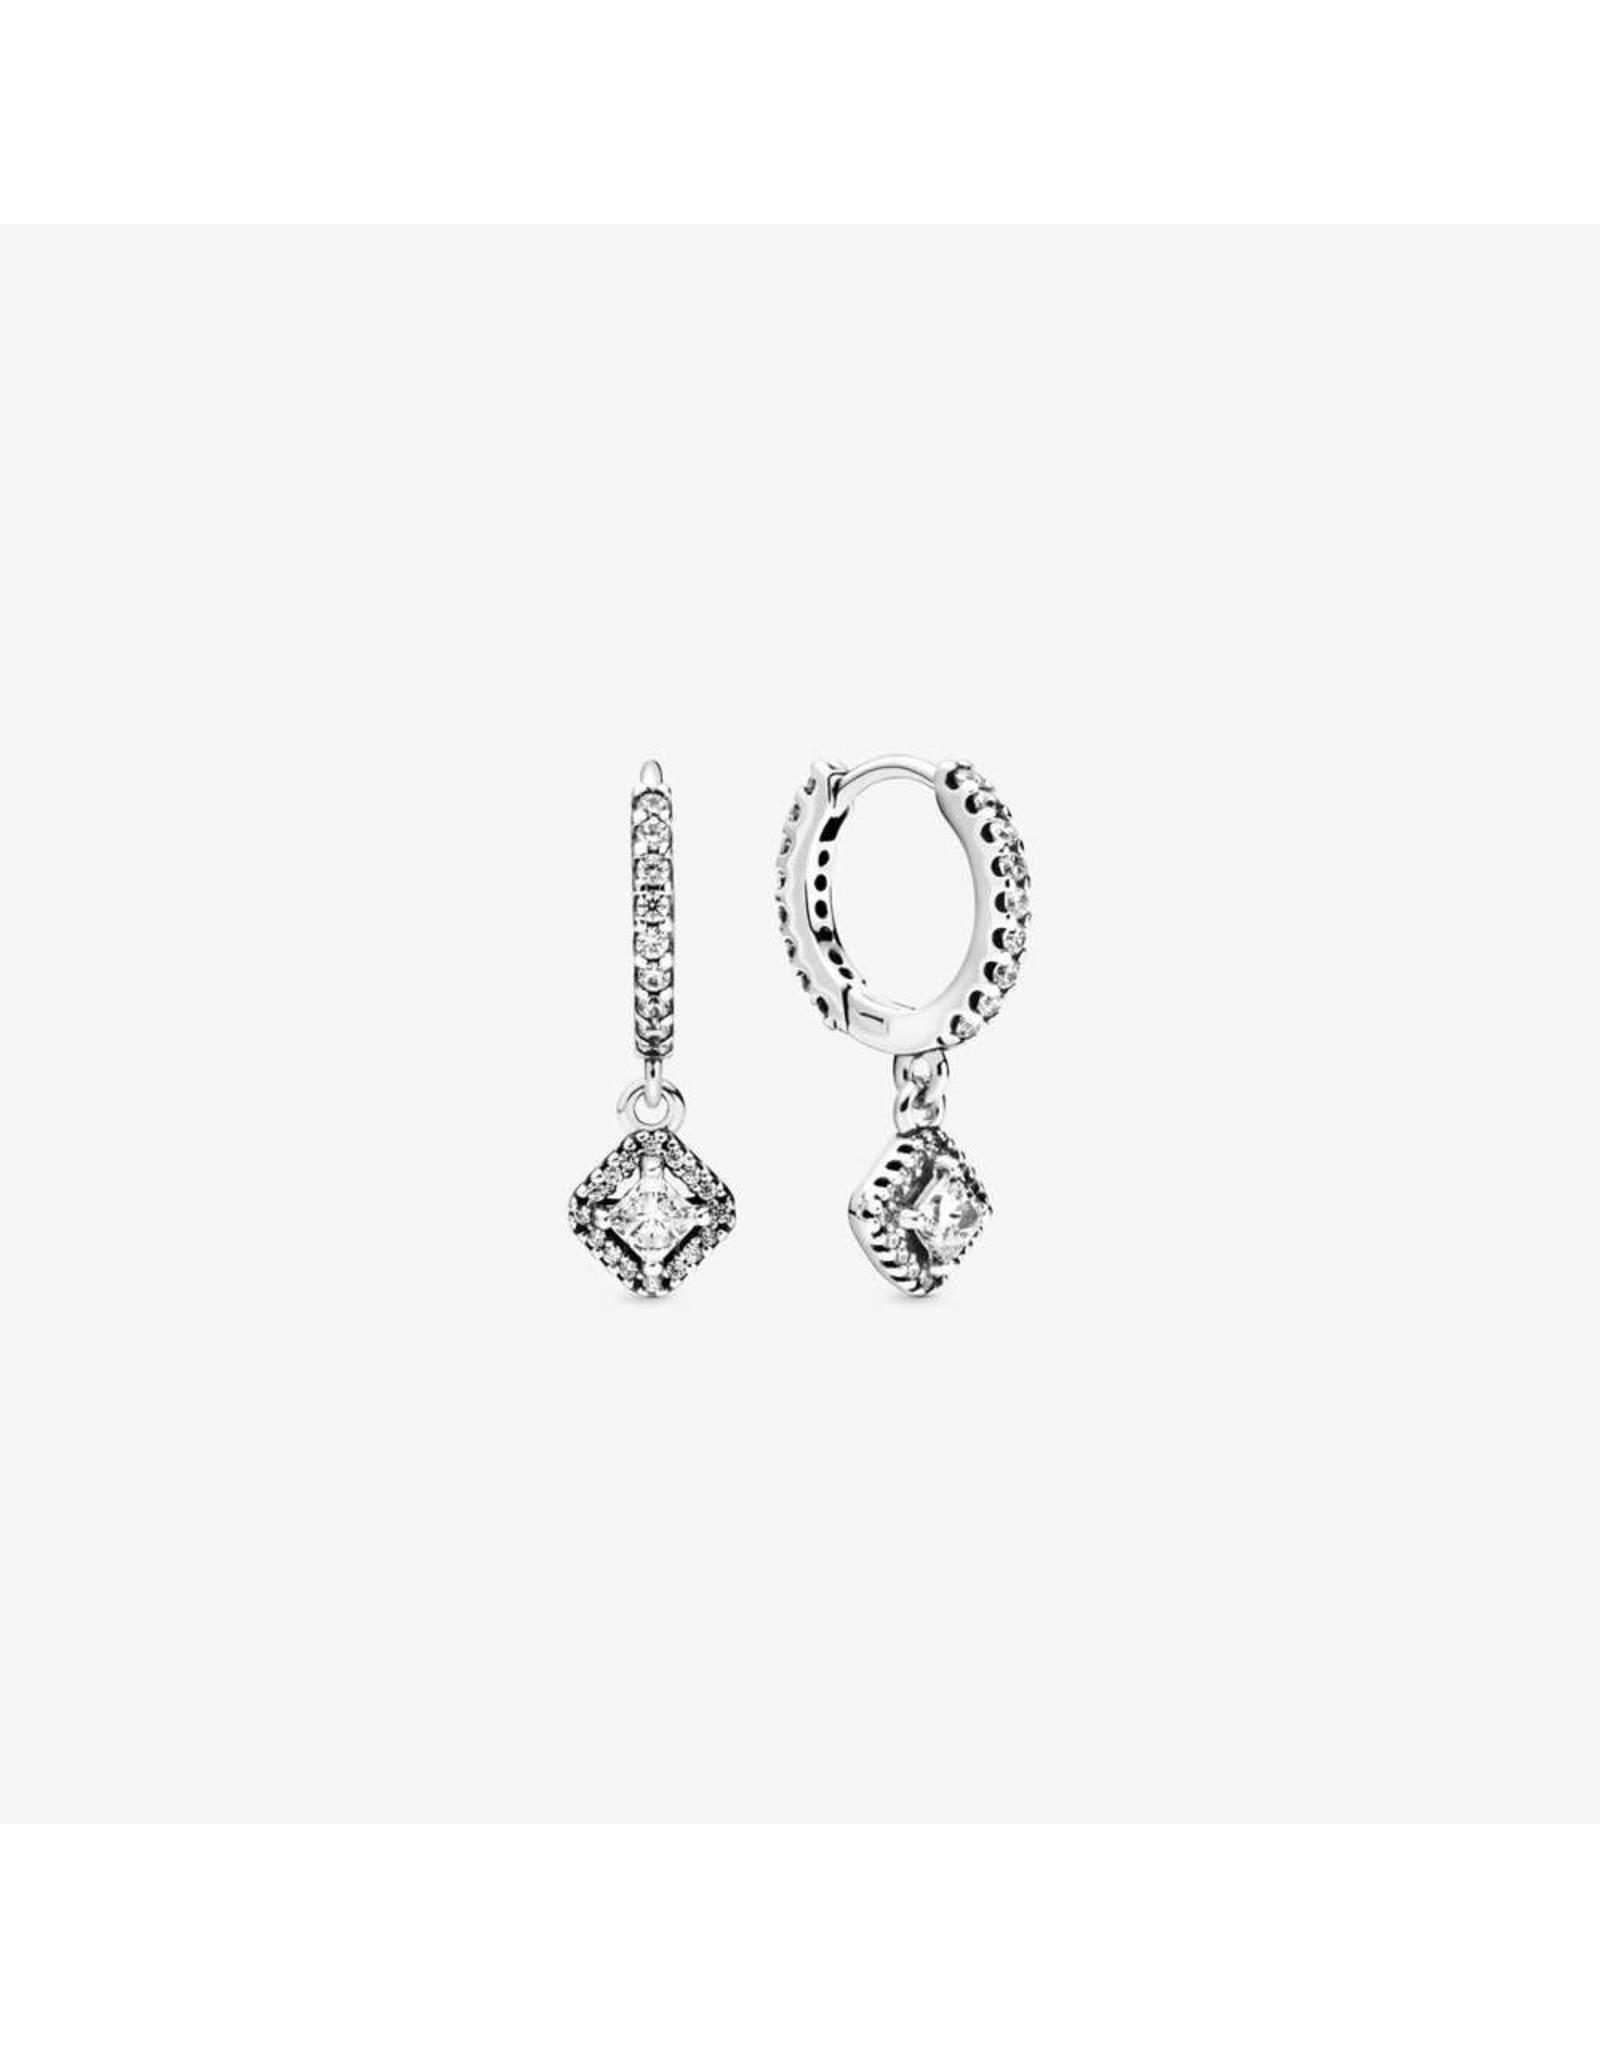 Pandora Pandora Earrings,298503C01,Sterling Silver Hoop Earrings With Clear CZ